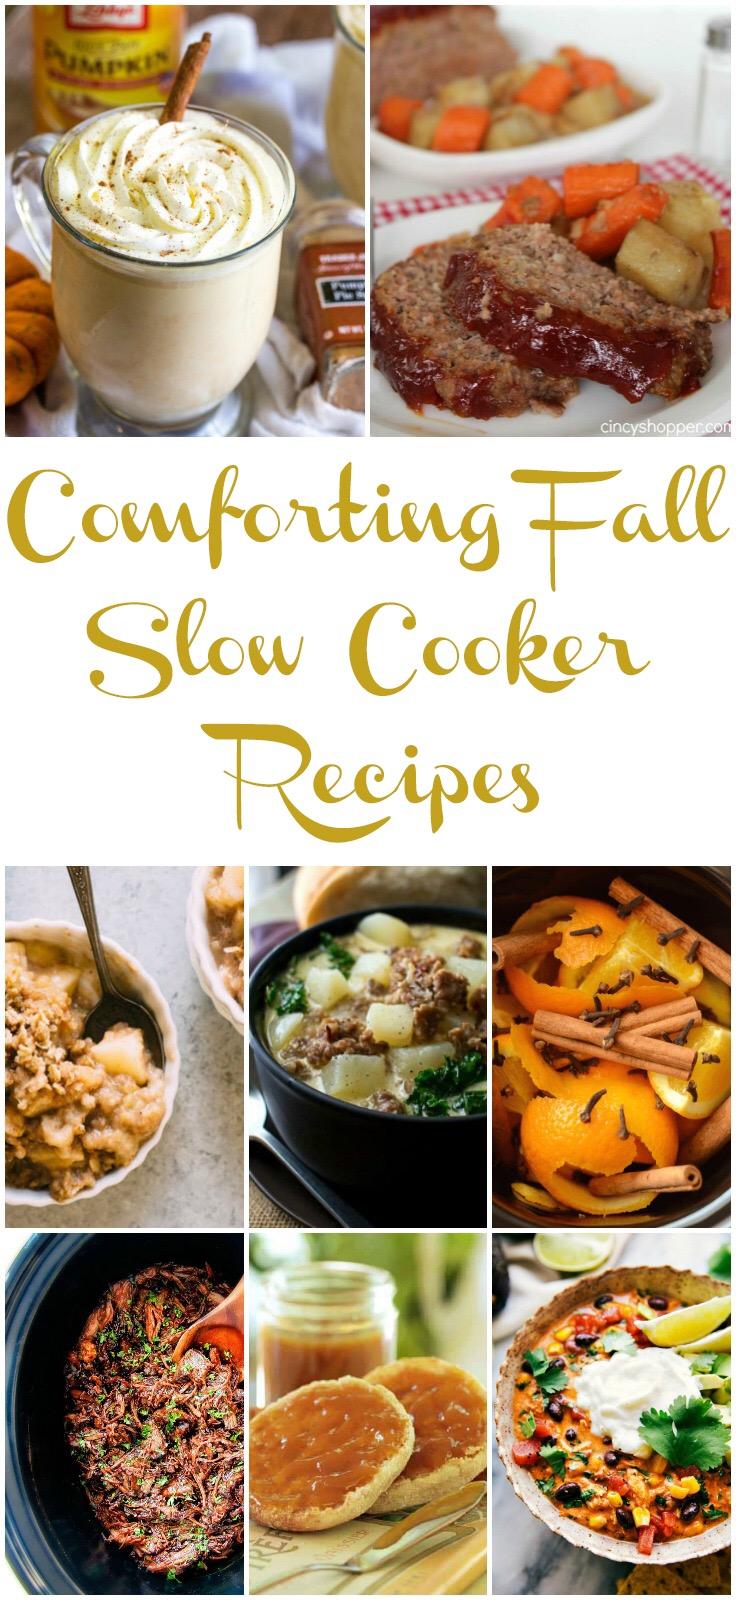 crockpot recipes chicken, best crockpot recipes ever, best crockpot meals, slow cooker recipes pork, easy crockpot meals with ground beef, slow cooker recipes healthy, crockpot recipes for two, slow cooker recipes for kids, slow cooker chicken chili, slow cooker hot chocolate, slow cooker chowder slow cooker soups, slow cooker potpourri